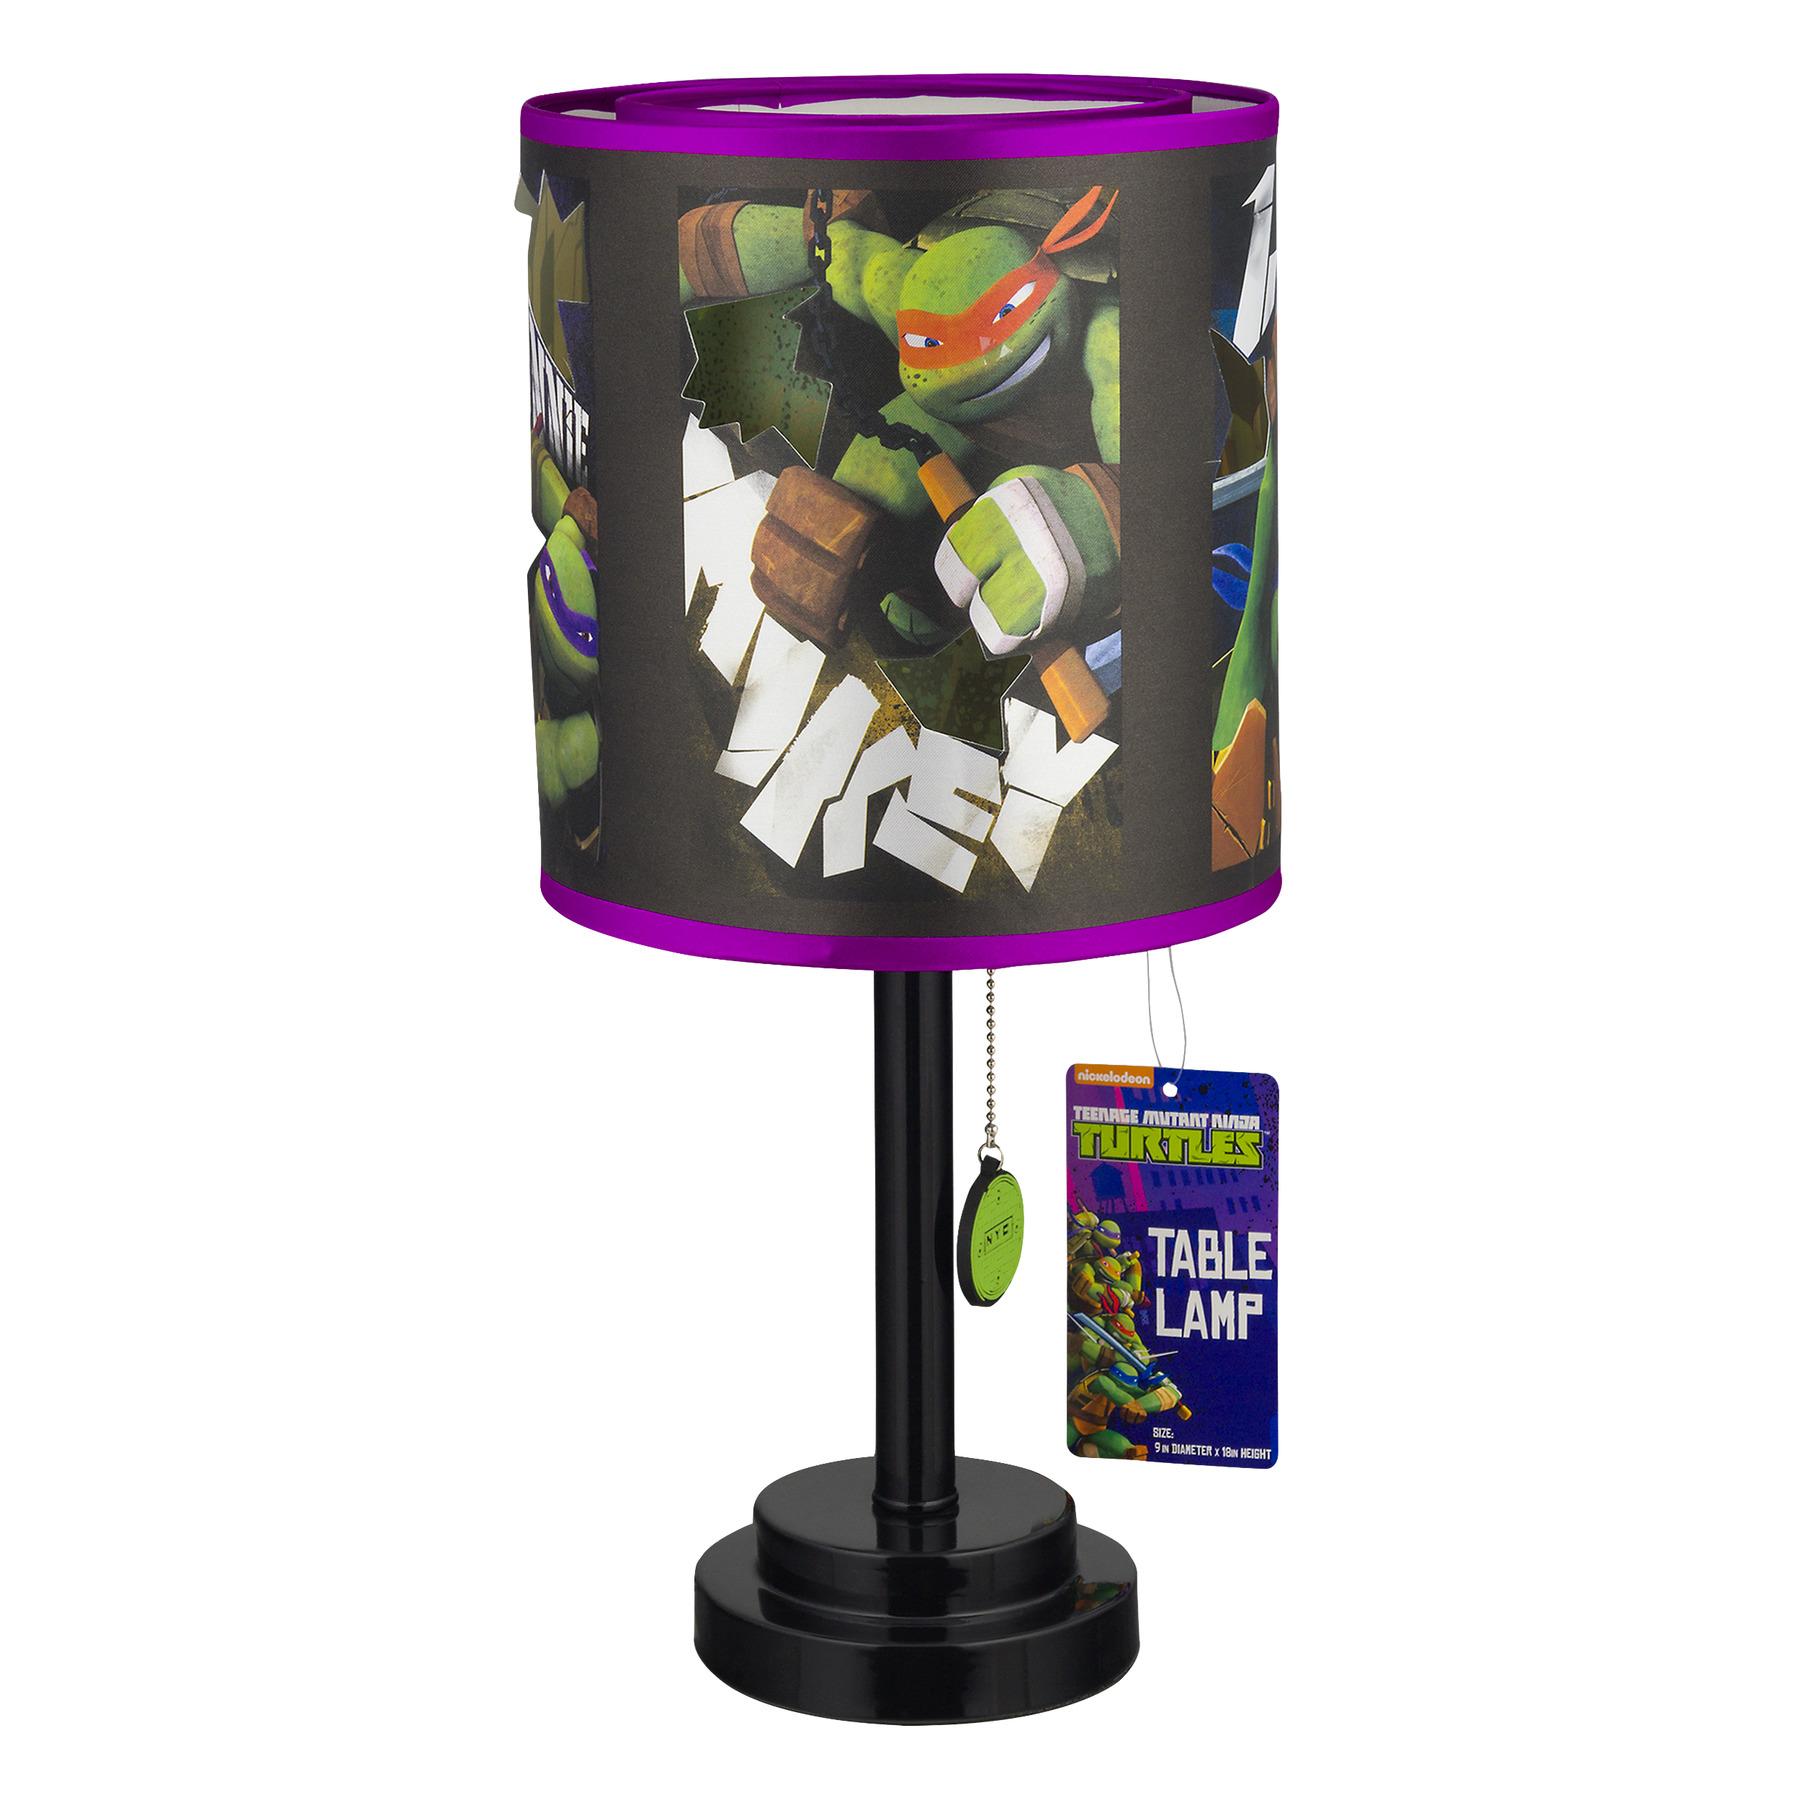 Teenage Mutant Ninja Turtles Table Lamp, 1.0 CT